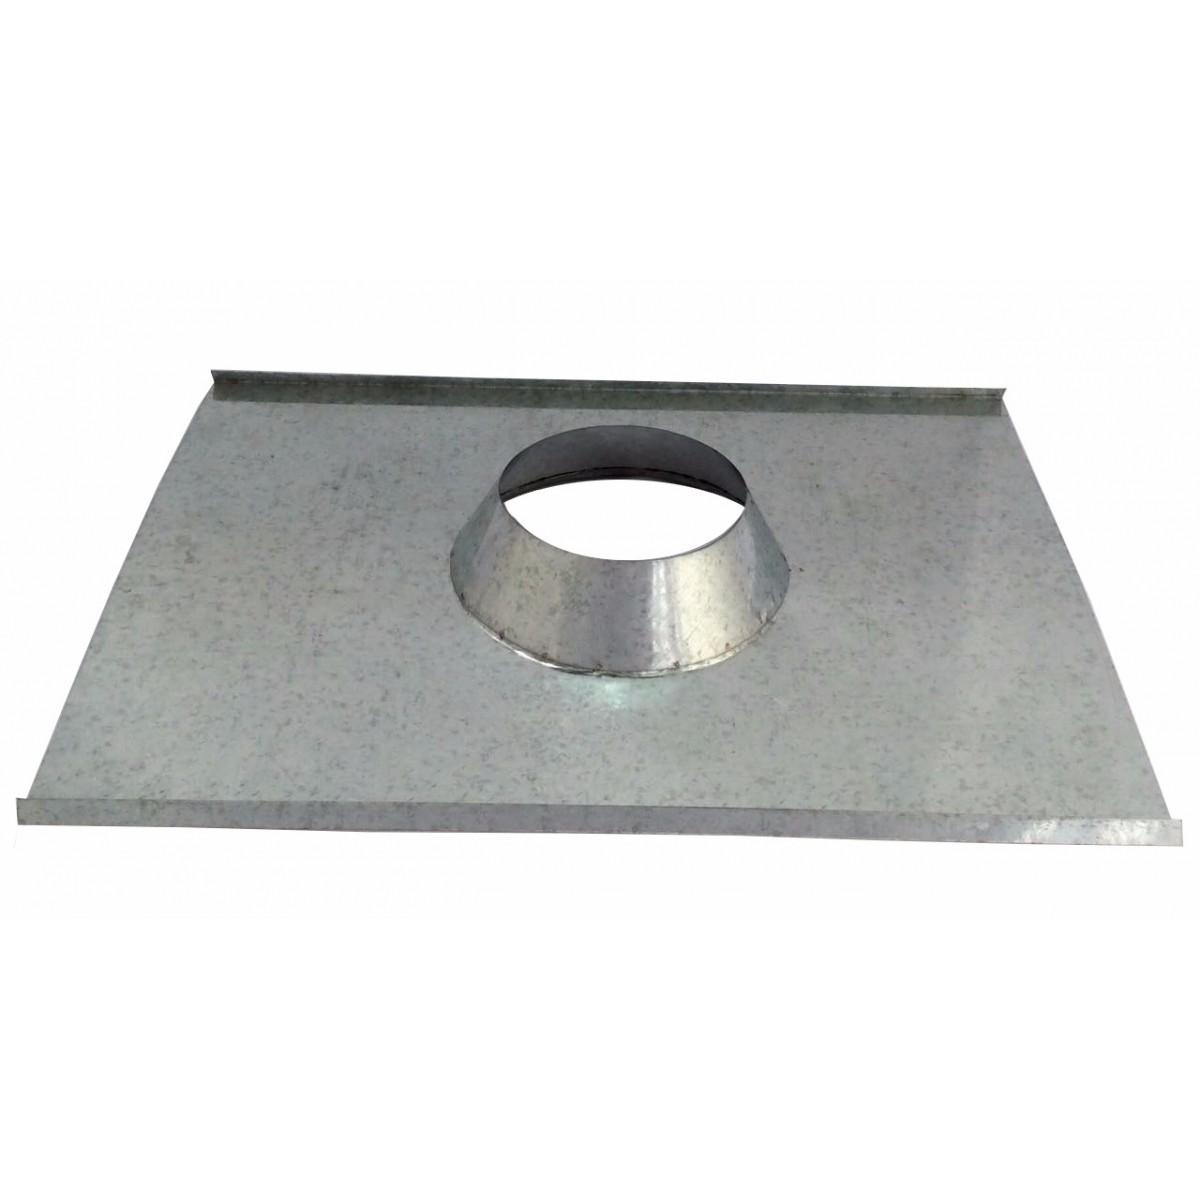 Rufo colarinho de telhado galvanizado para chaminé de 150 mm de diâmetro  - Galvocalhas